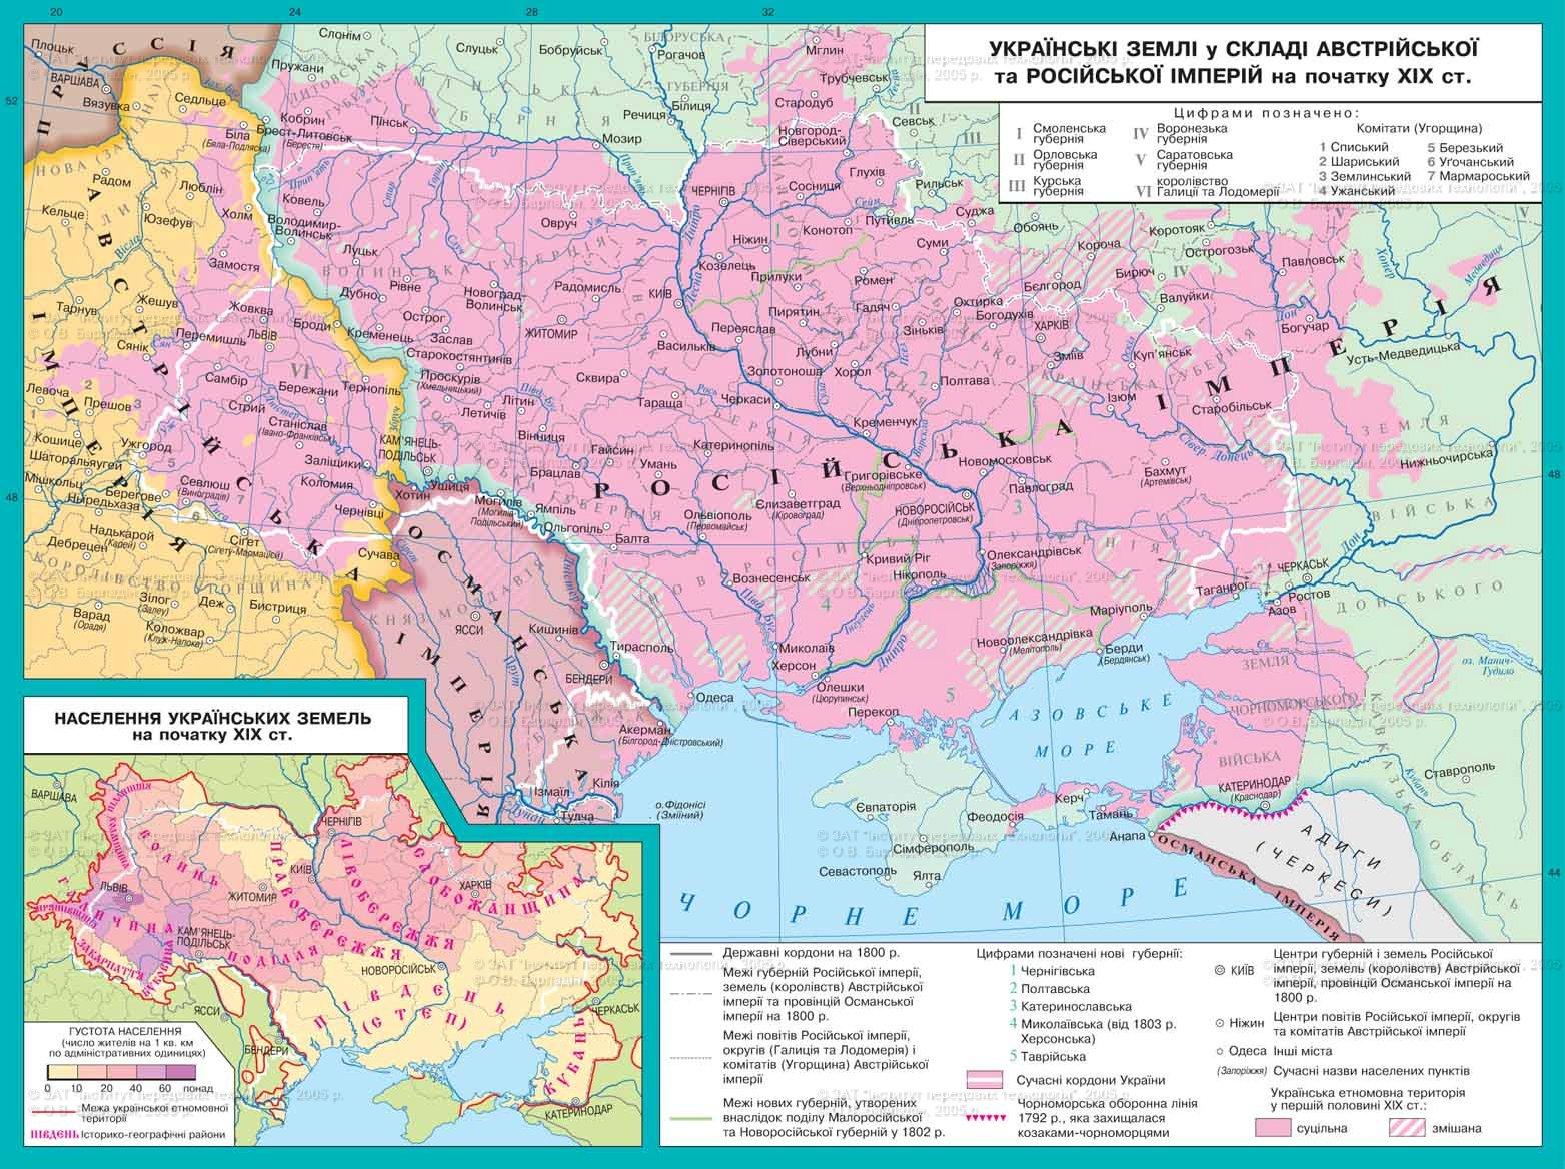 Ukraine in the Russian empire map